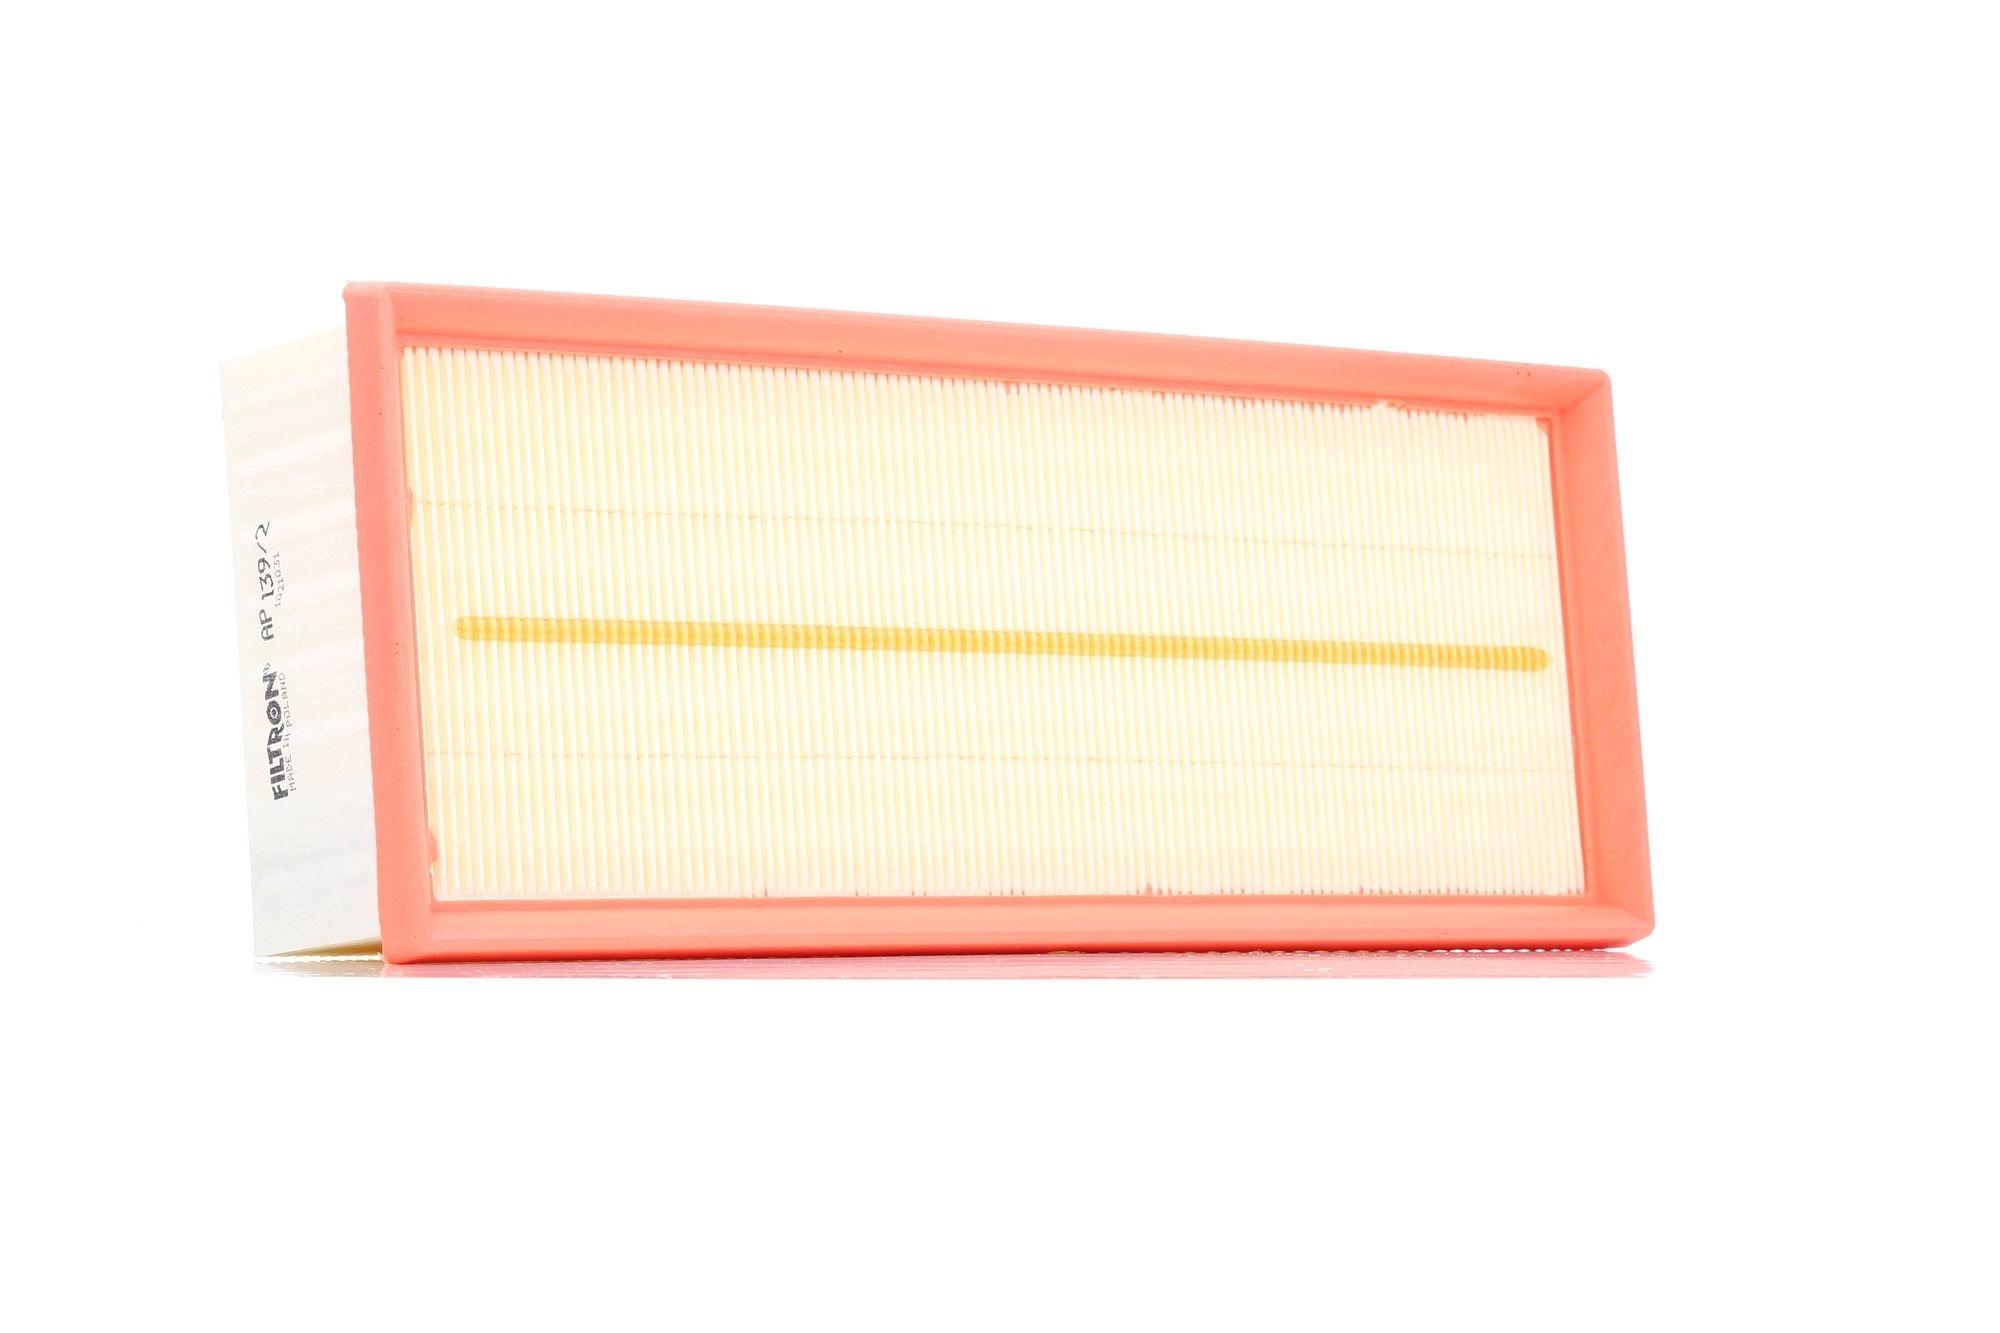 Zracni filter AP 139/2 FILTRON - samo novi deli